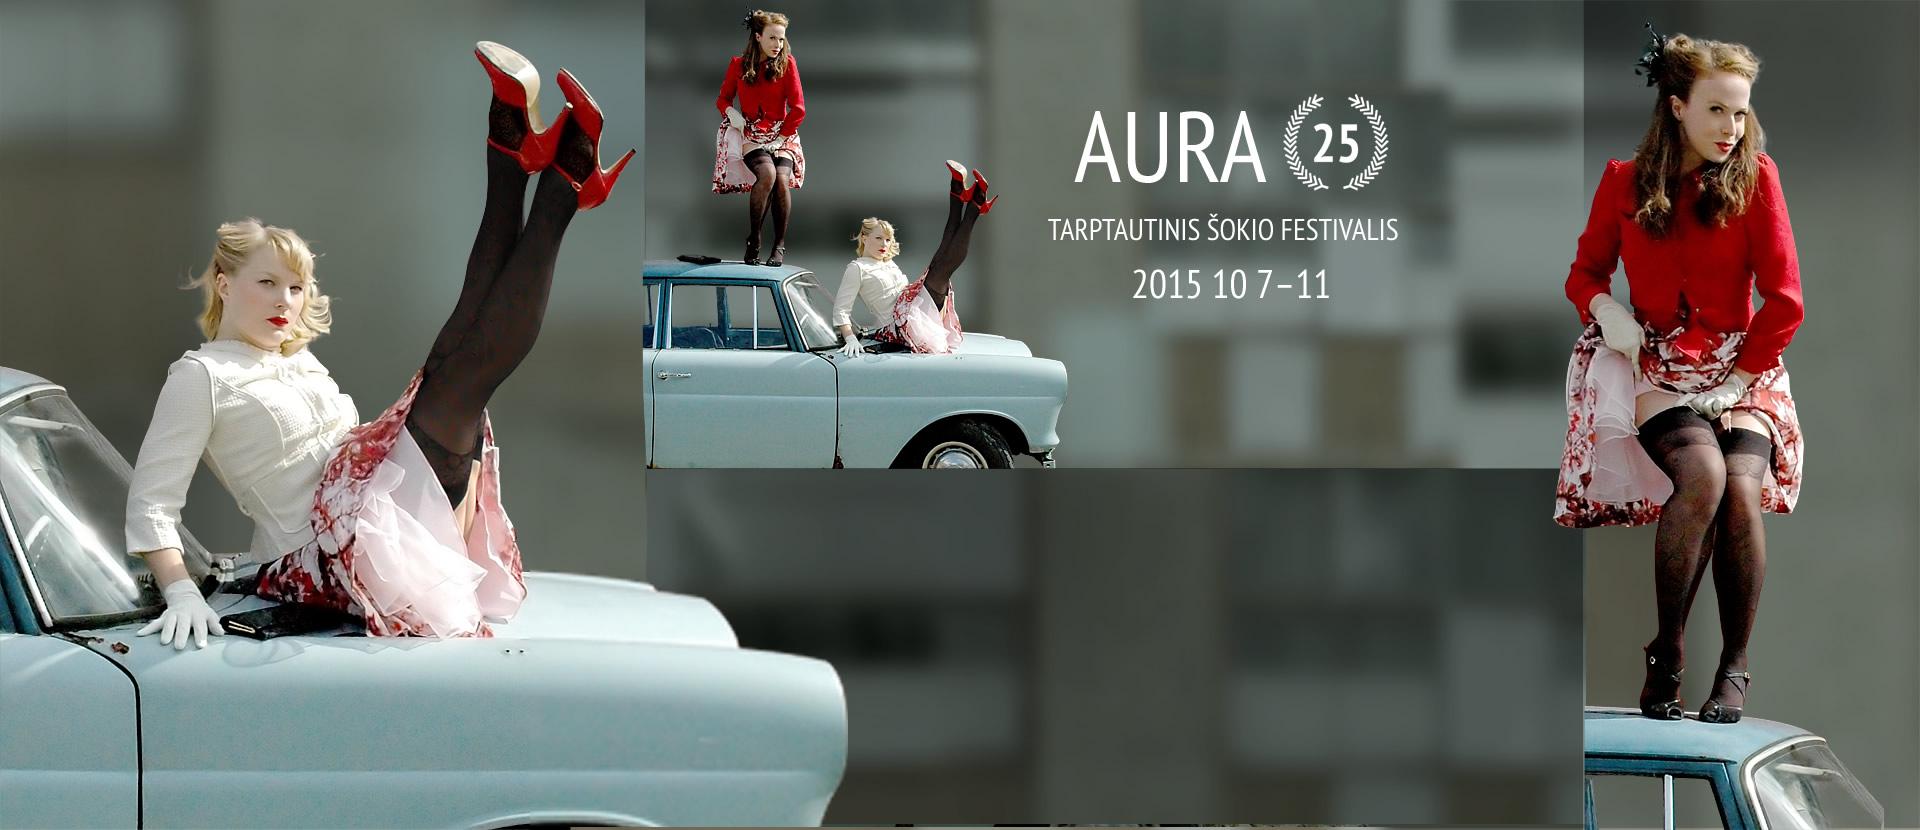 Tarptautinis šokio festivalis AURA 25